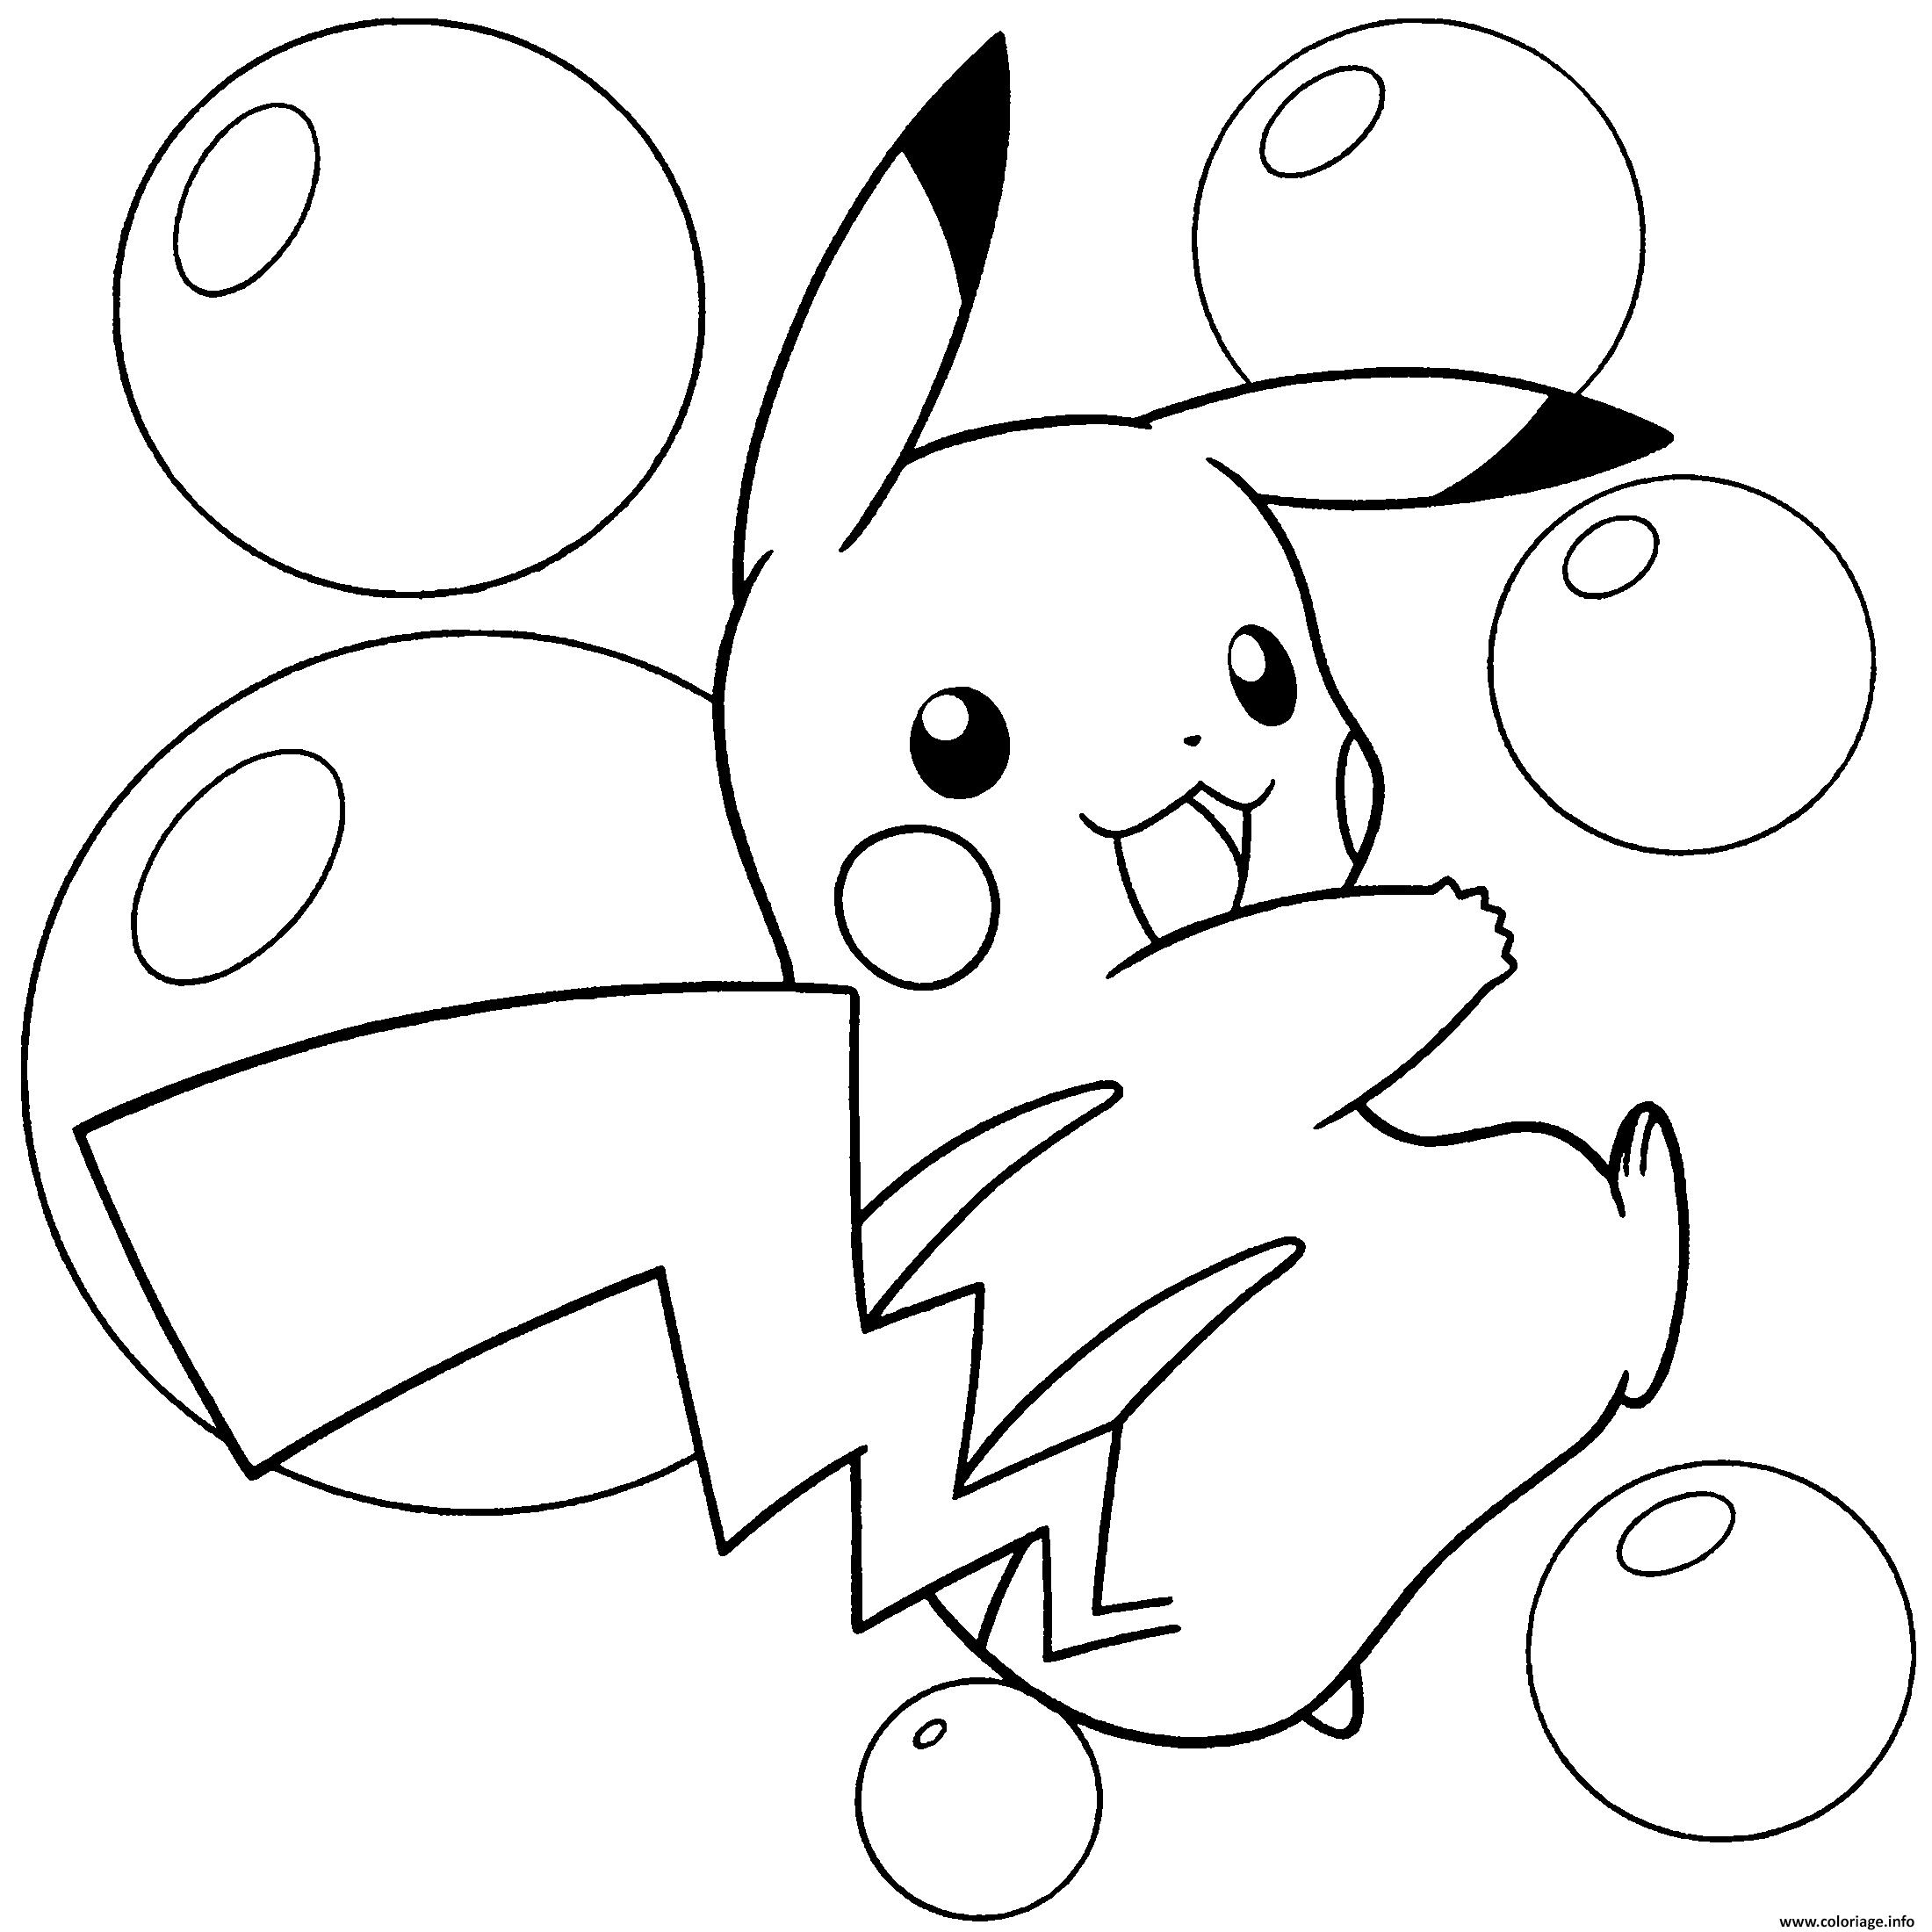 Dessin pokemon pikachu fait le saut avec des ballons Coloriage Gratuit à Imprimer